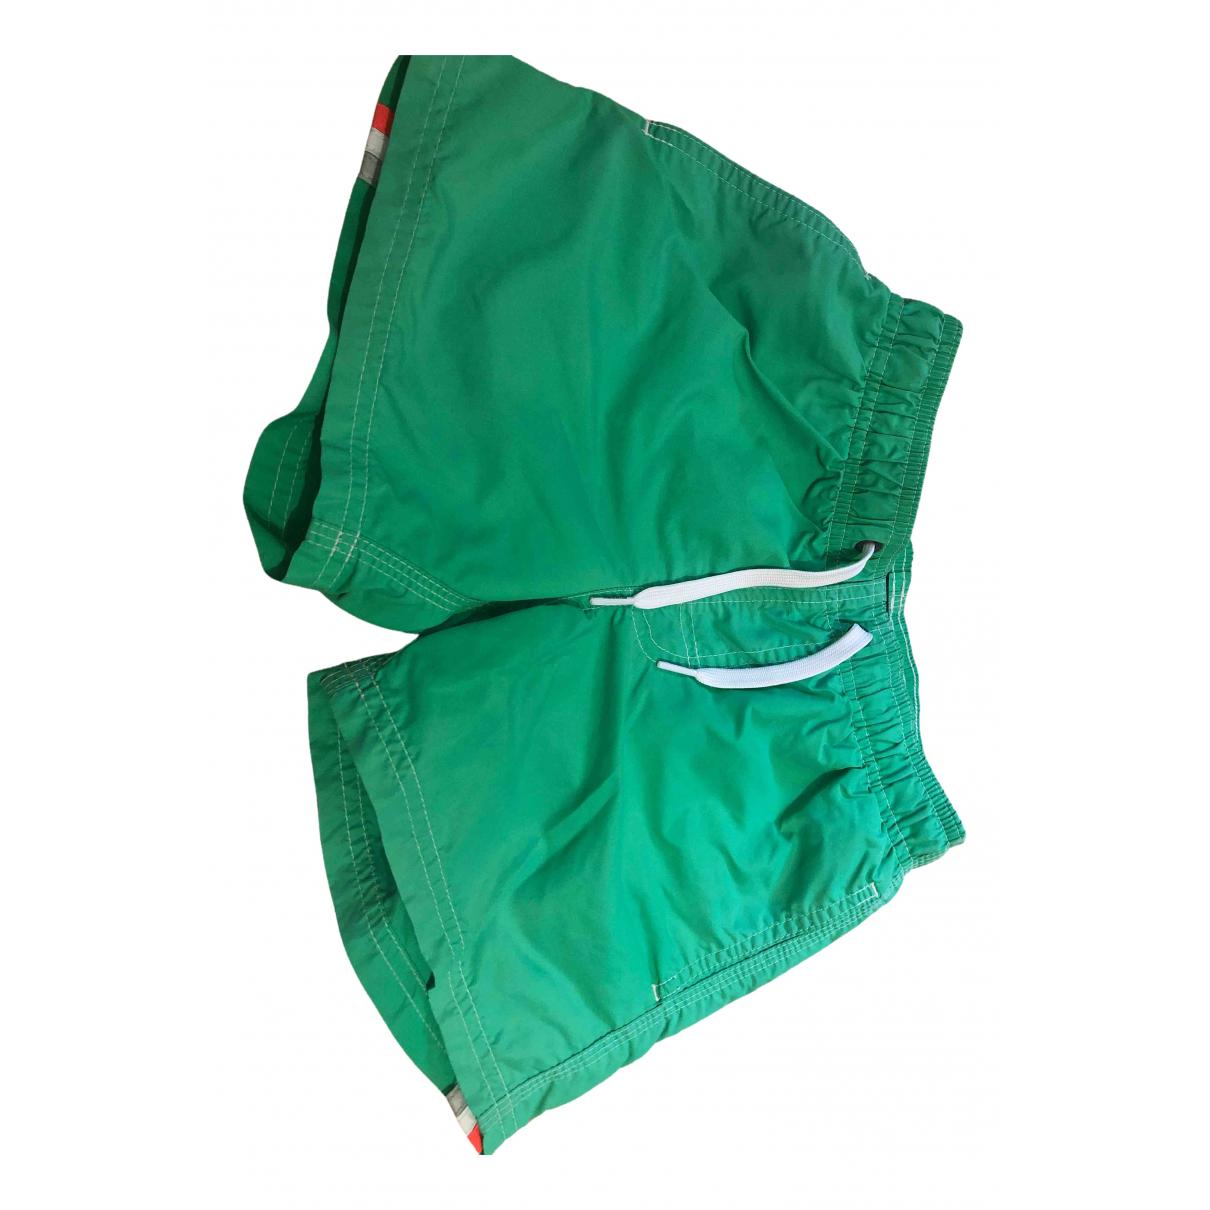 Sundek - Short   pour enfant - vert